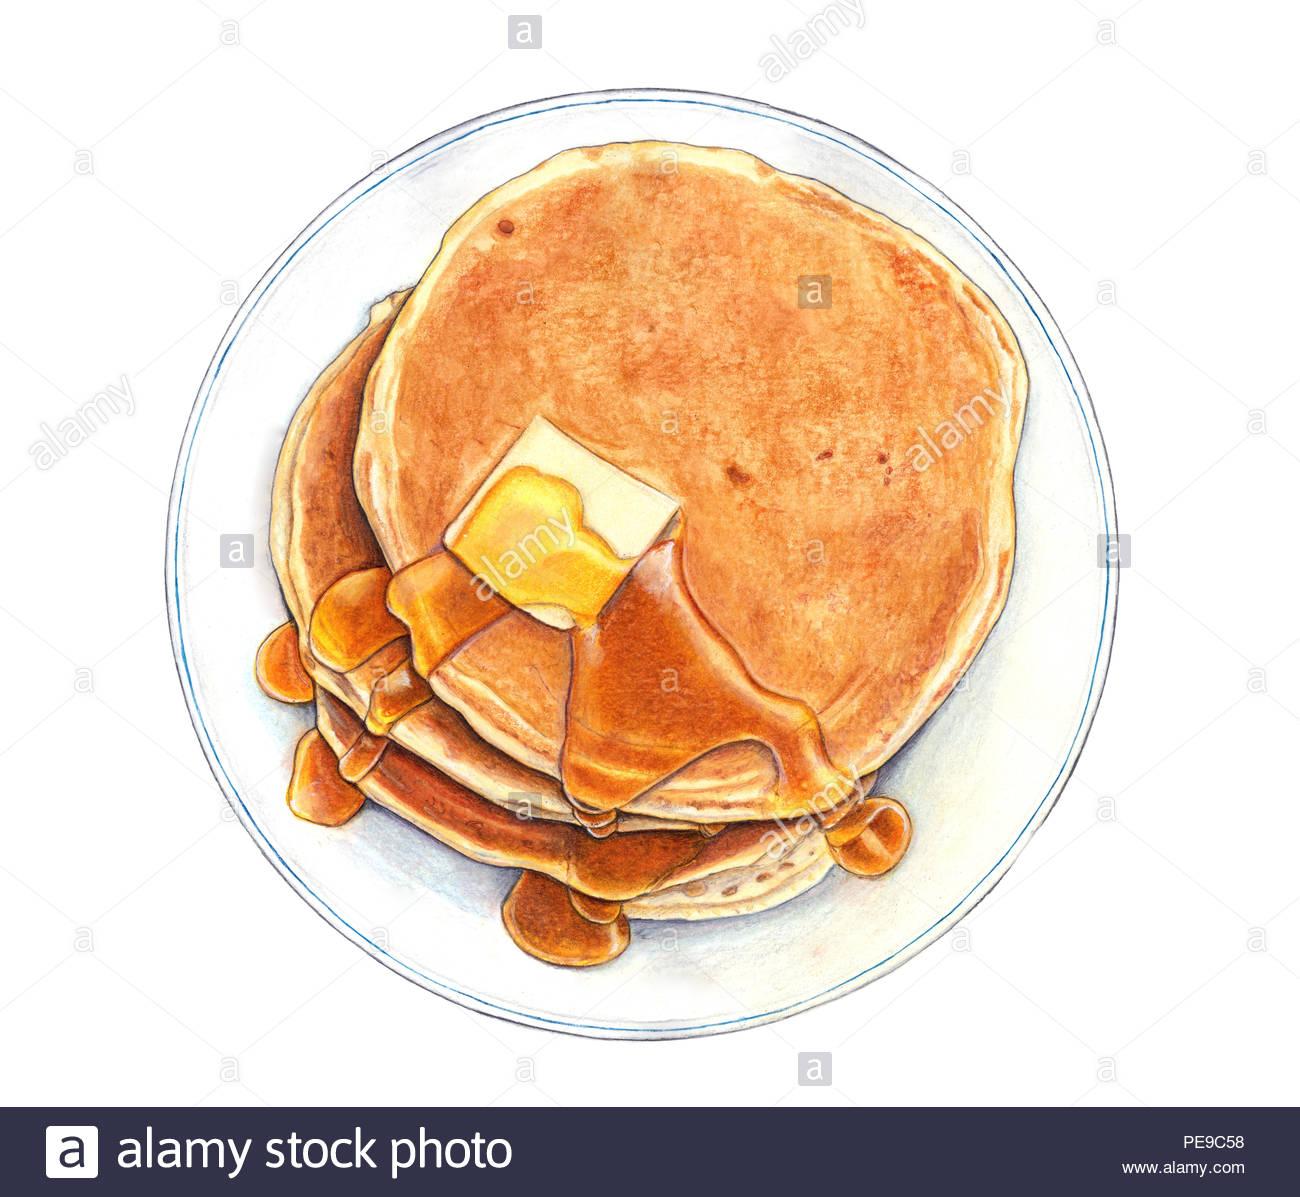 Illustrazione di cibo con enfasi sul realismo, di brillantezza dei colori e texture. Mixed media Tecnica di acquarelli, matite colorate, pastelli morbidi e Immagini Stock